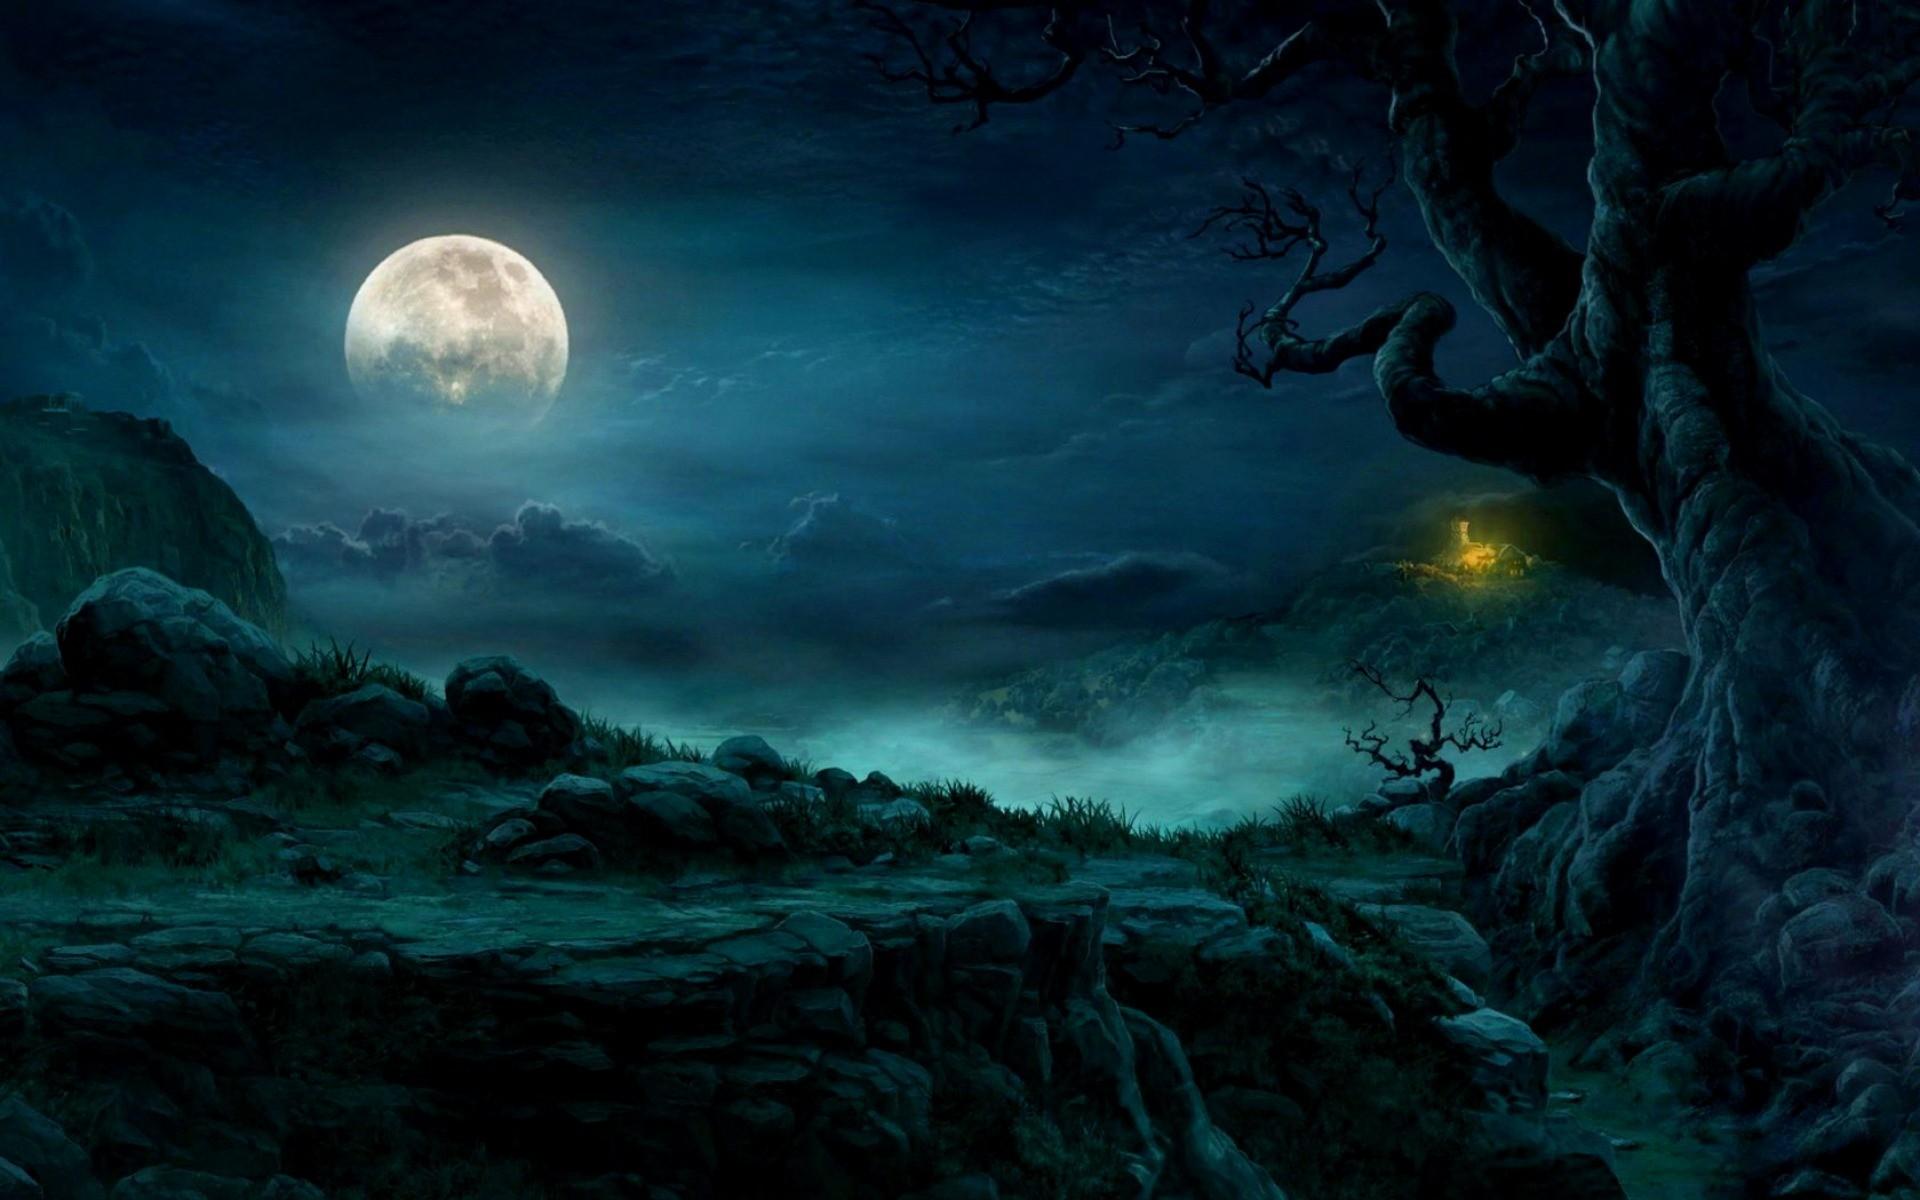 Ảnh mặt trăng nghệ thuật